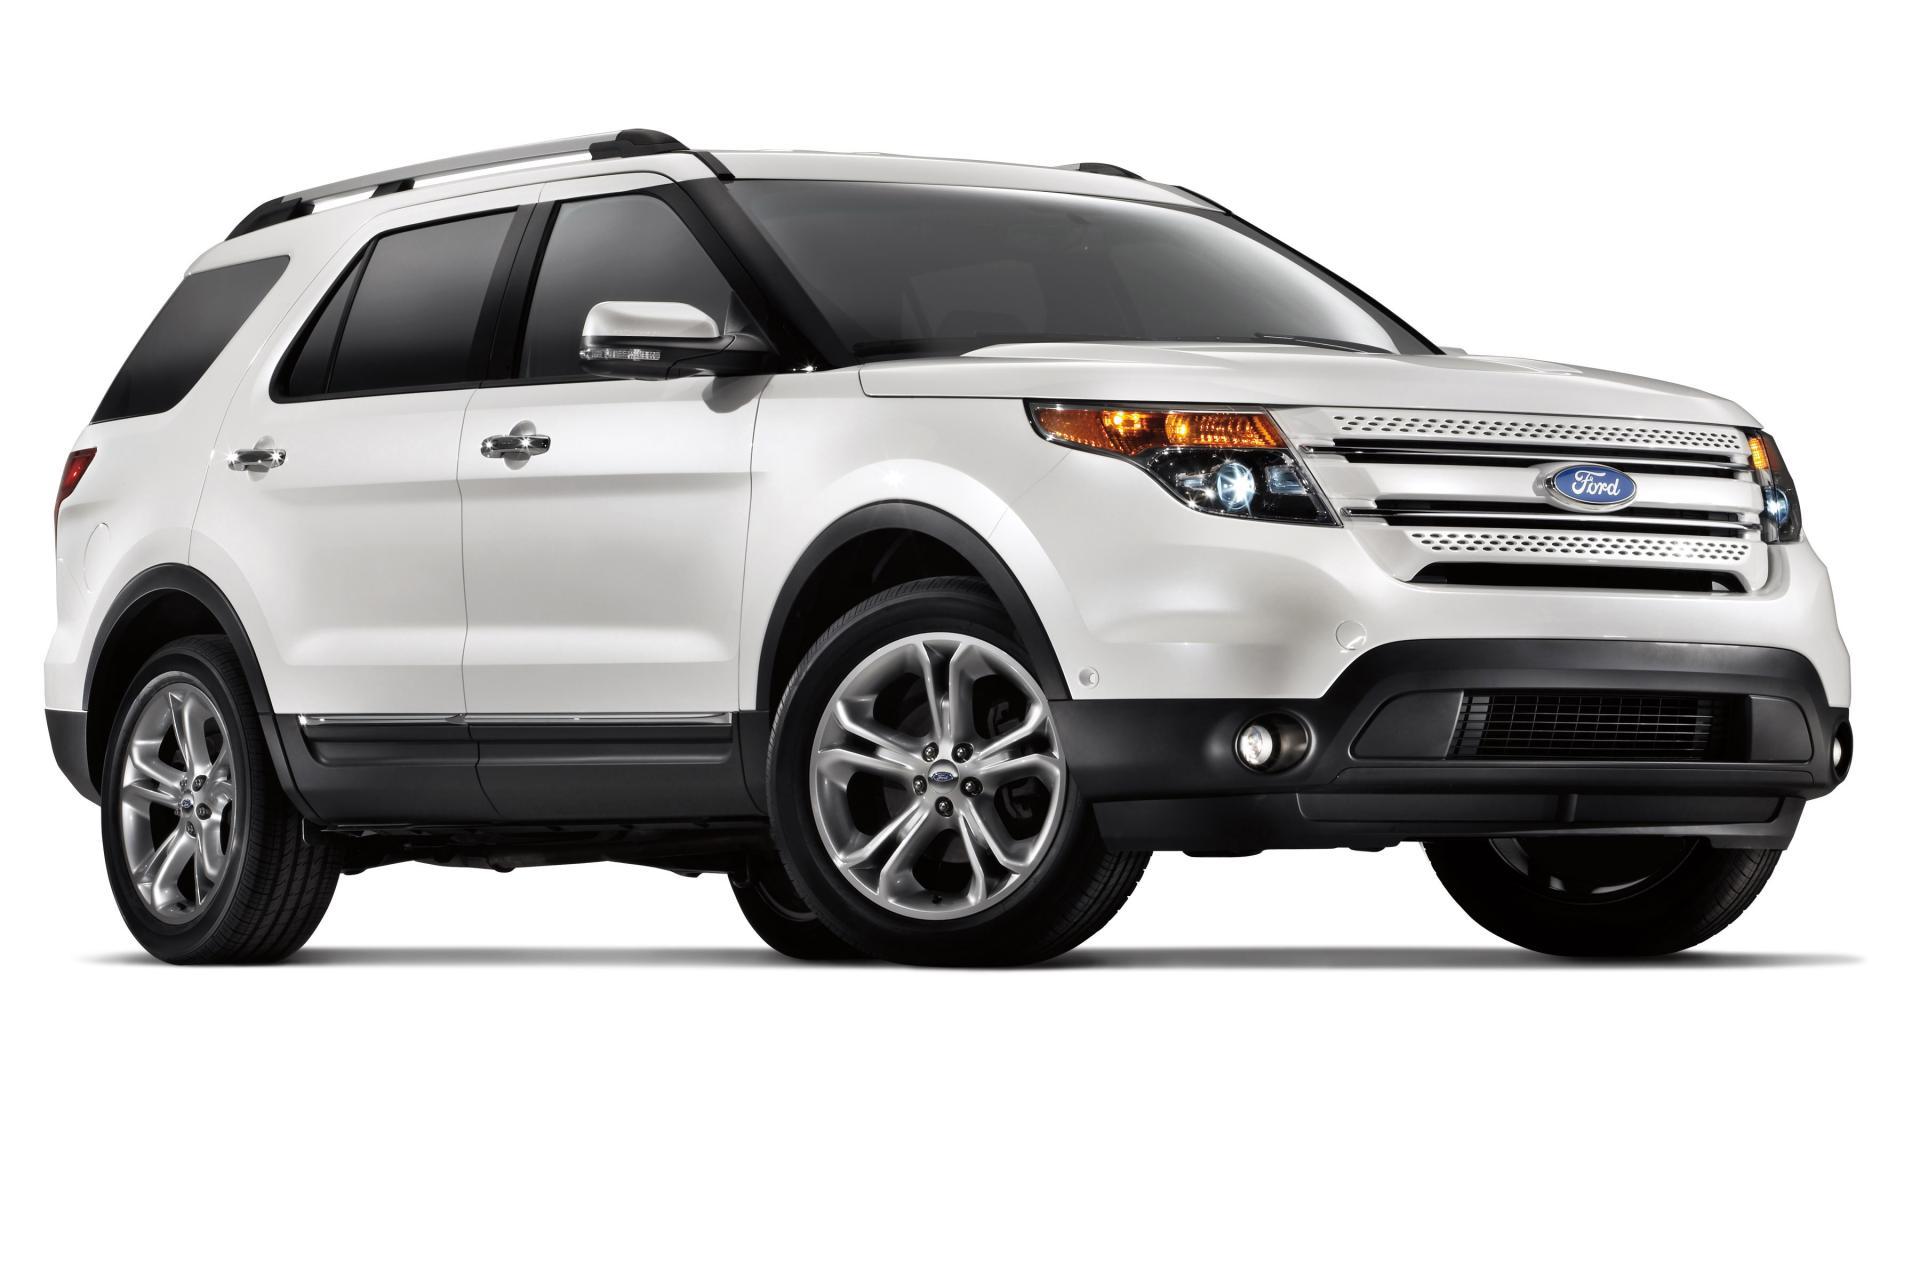 Ford Explorer Sport 2014 White Ford Explorer Suv Image